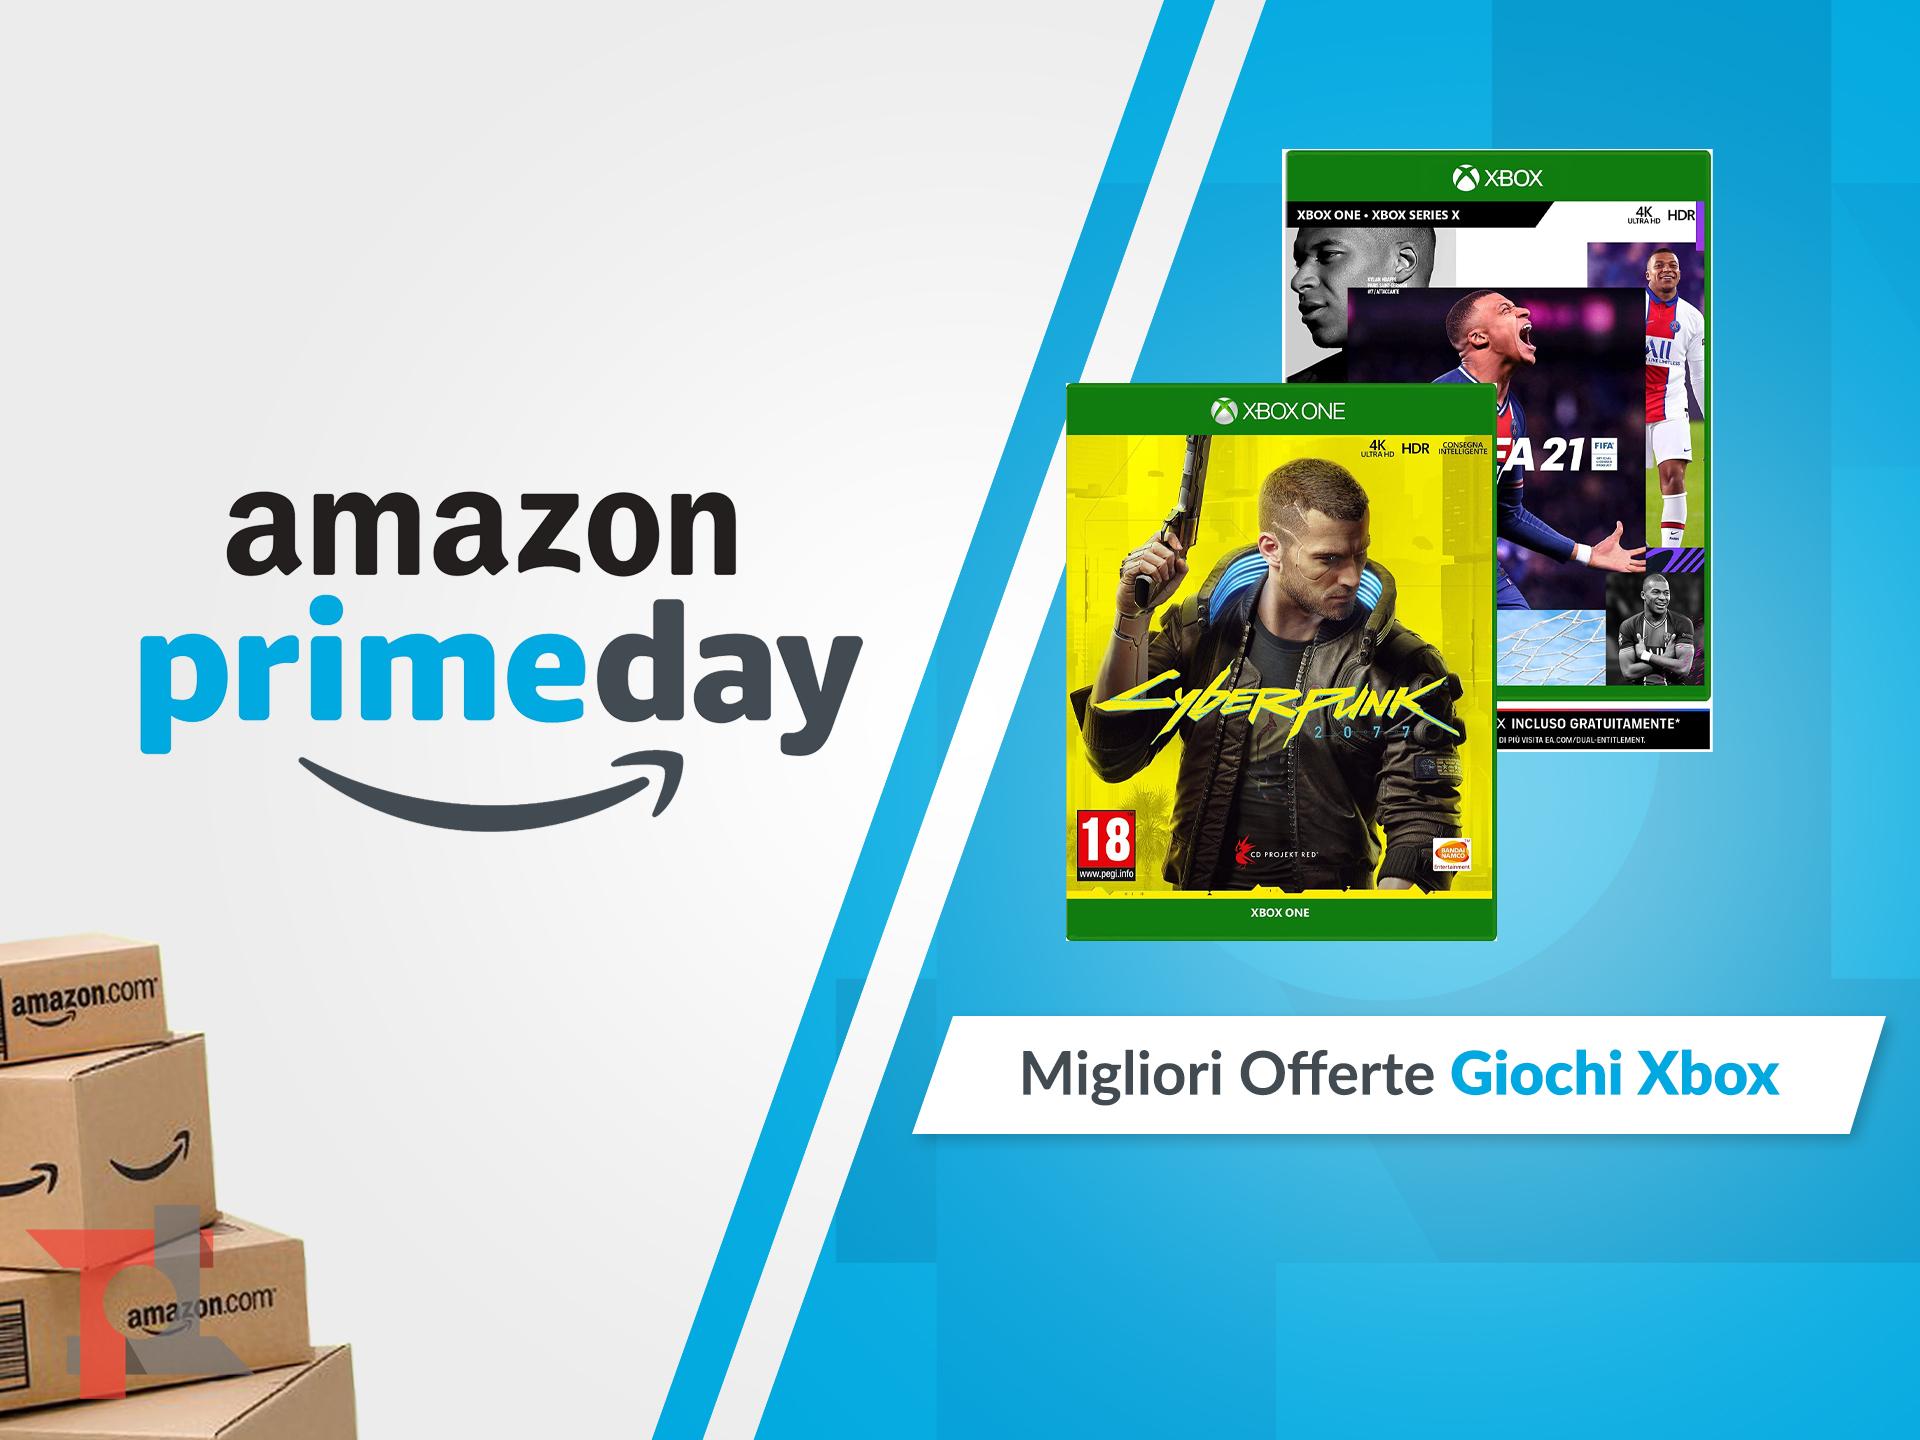 migliori offerte amazon prime day giochi xbox